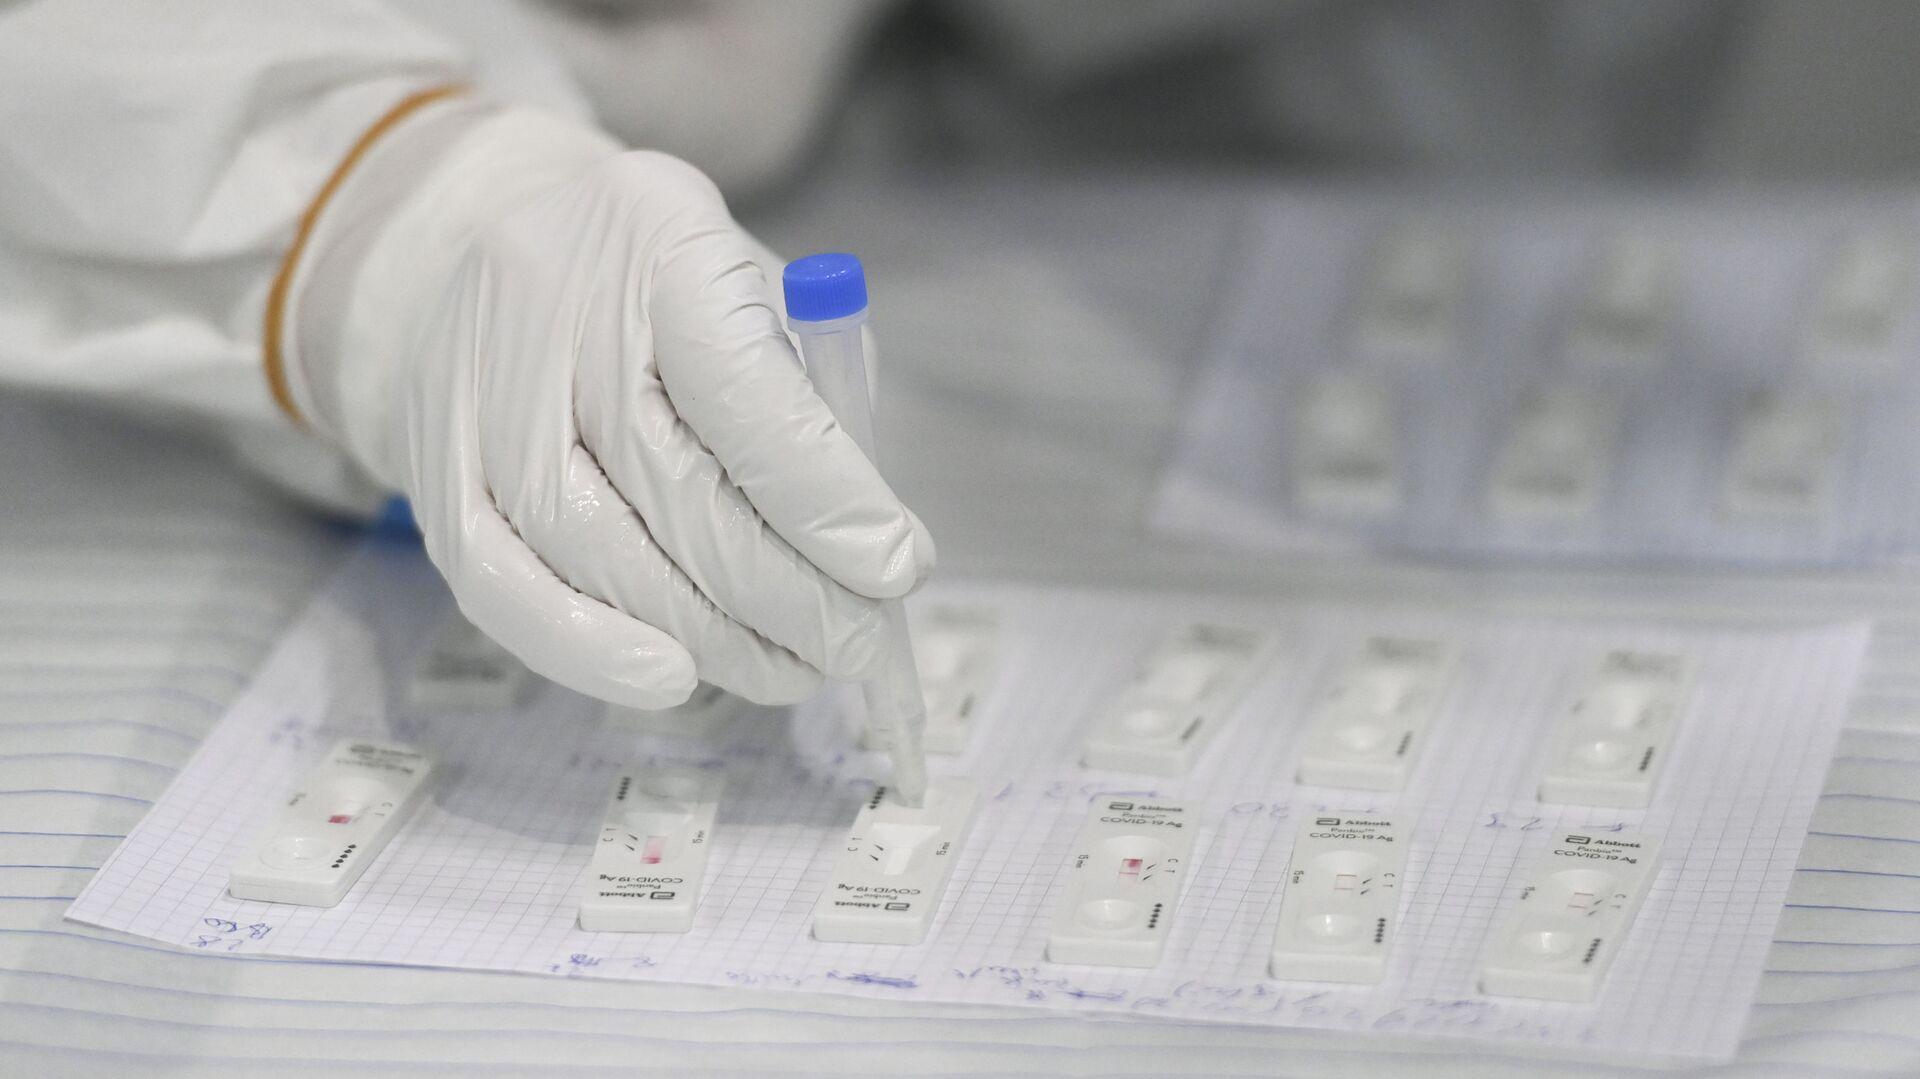 Фельдшер готовит экспресс-тест на корону для журналистов в центре вакцинации от COVID-19 в Кельне, западная Германия - Sputnik Абхазия, 1920, 20.09.2021